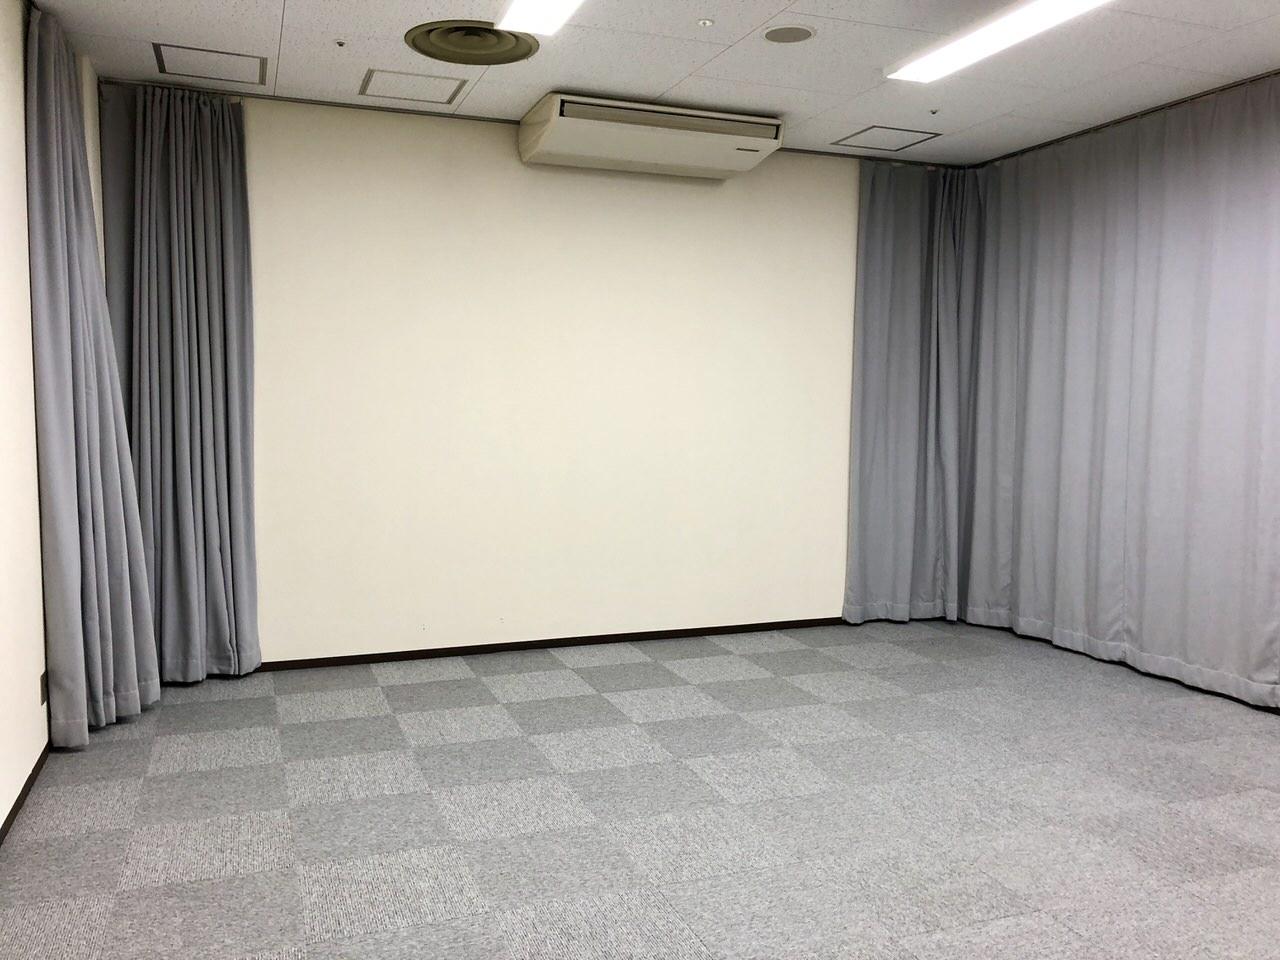 にぎわいプラザB-2練習室